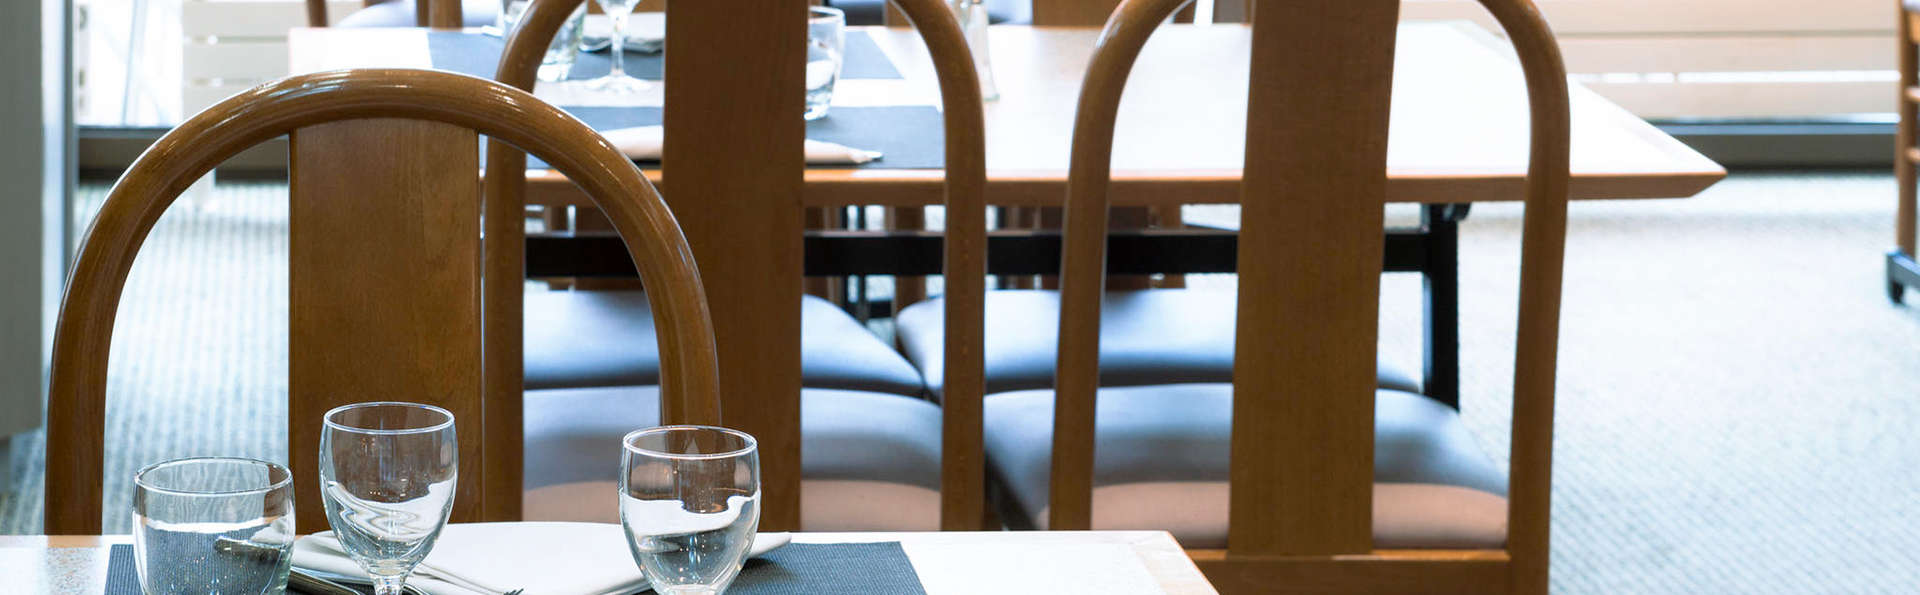 Séjour avec dîner à proximité de Mâcon